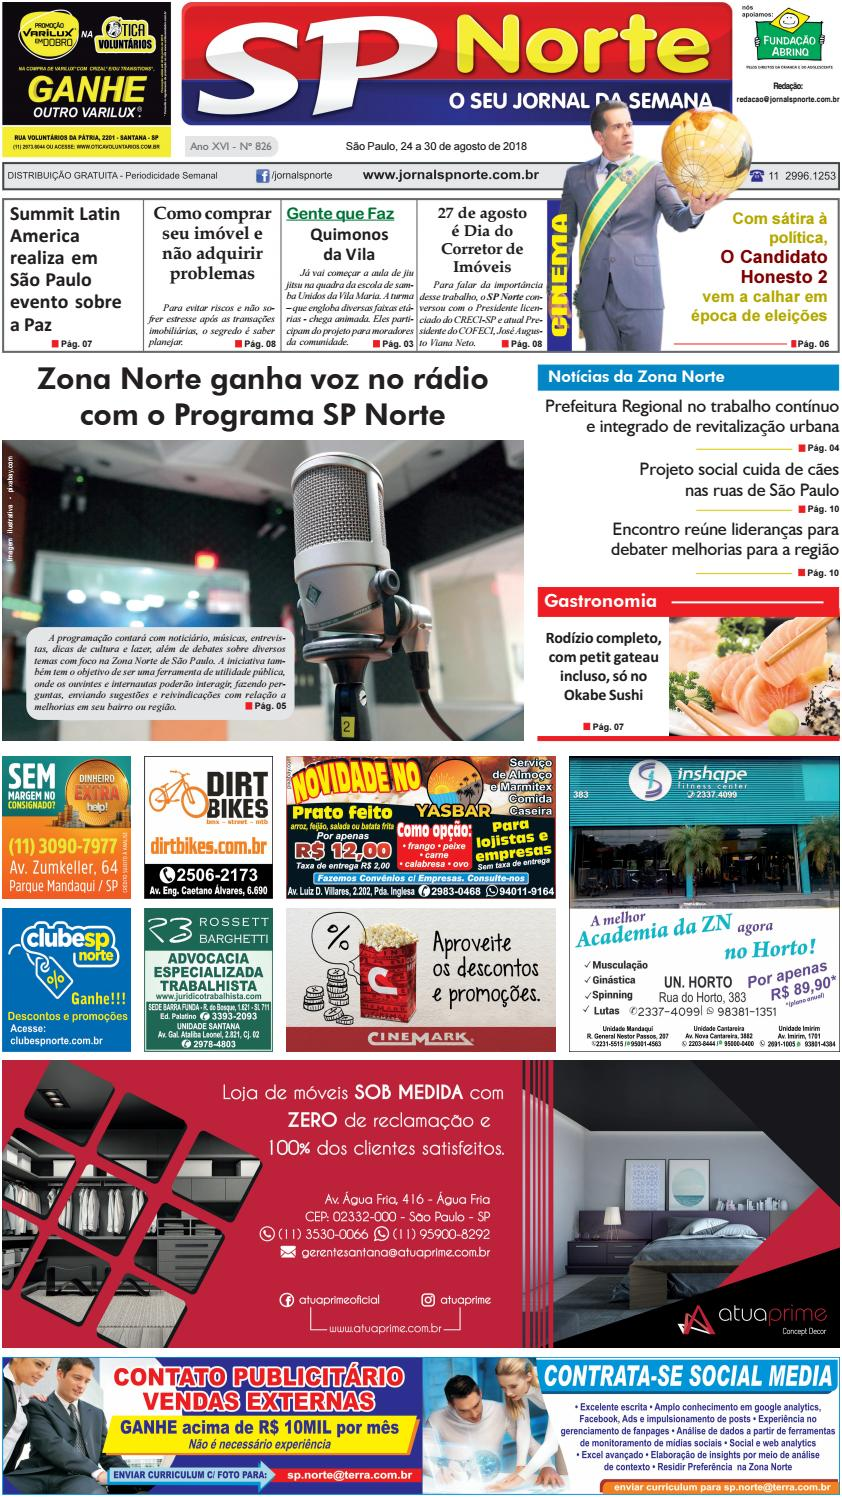 a73337de4f Edição 826 - de 24 a 30 de agosto de 2018 by Jornal SP Norte - issuu